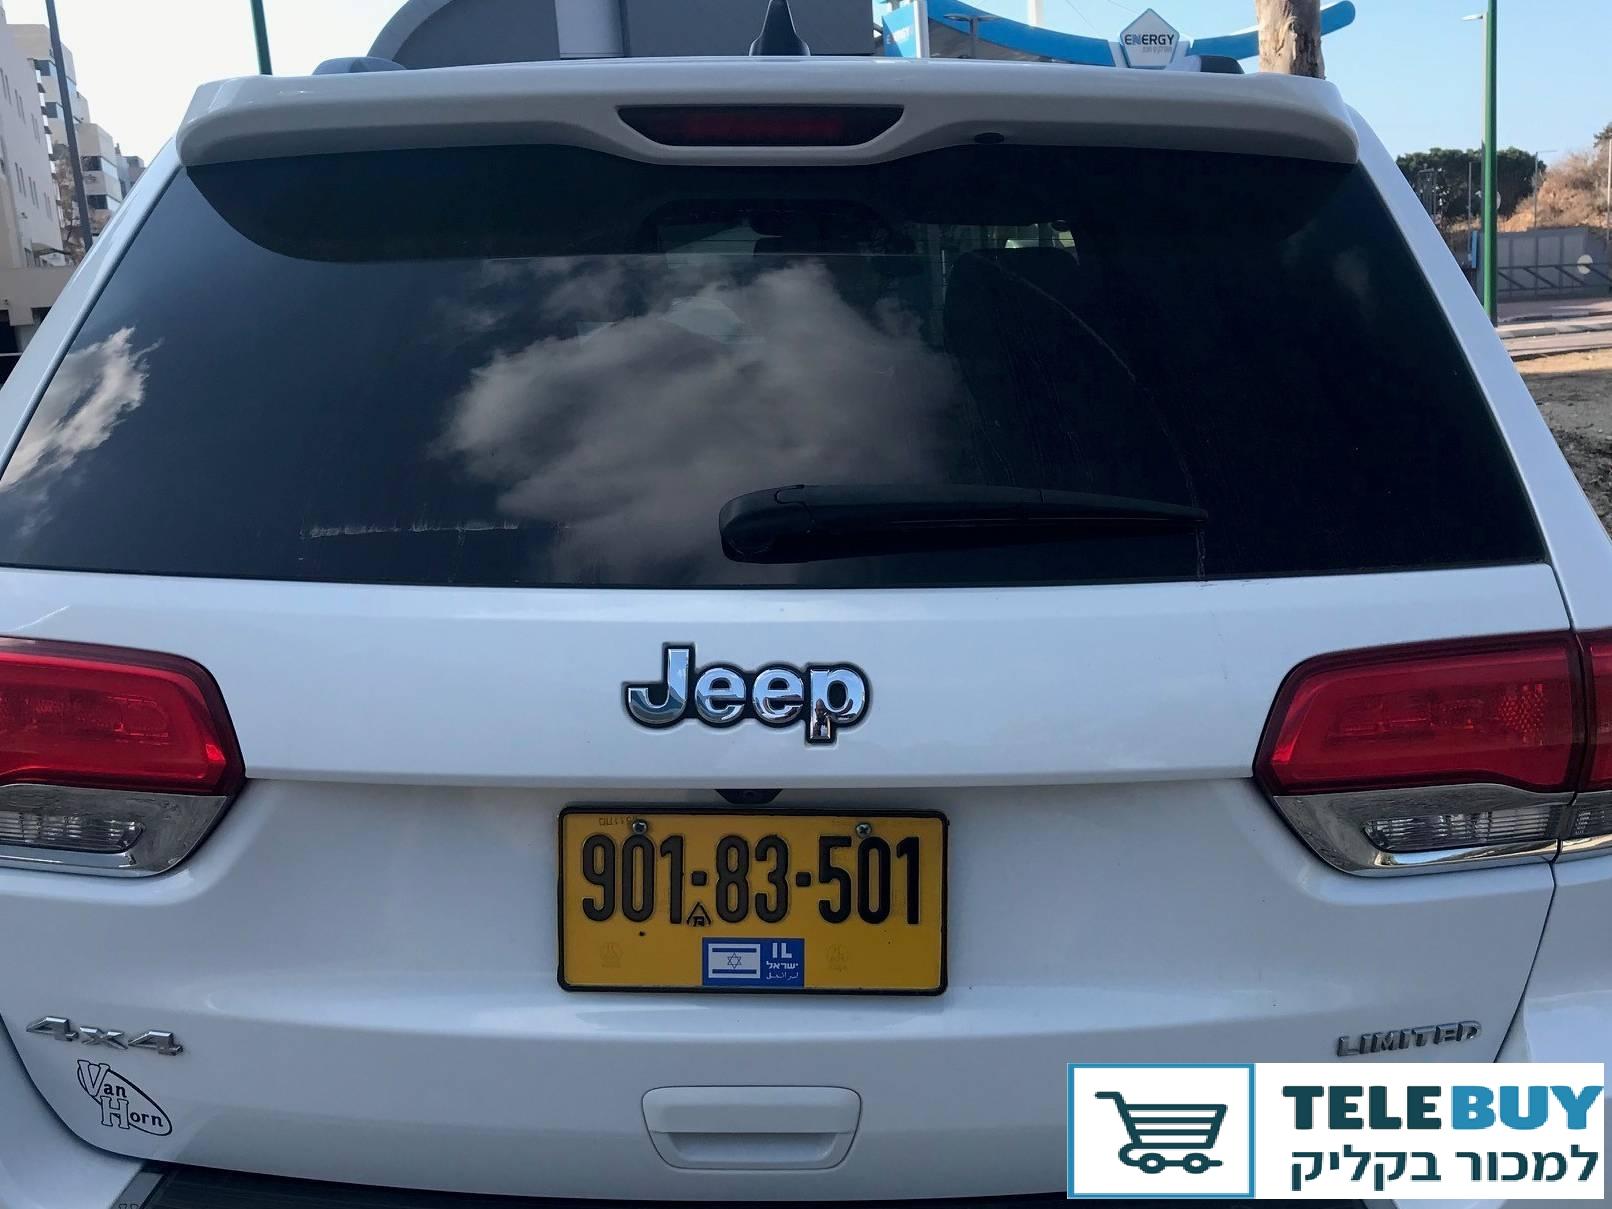 ג'יפים ג'יפ / Jeep גרנד צ'ירוקי  בגדרה יבנה והסביבה